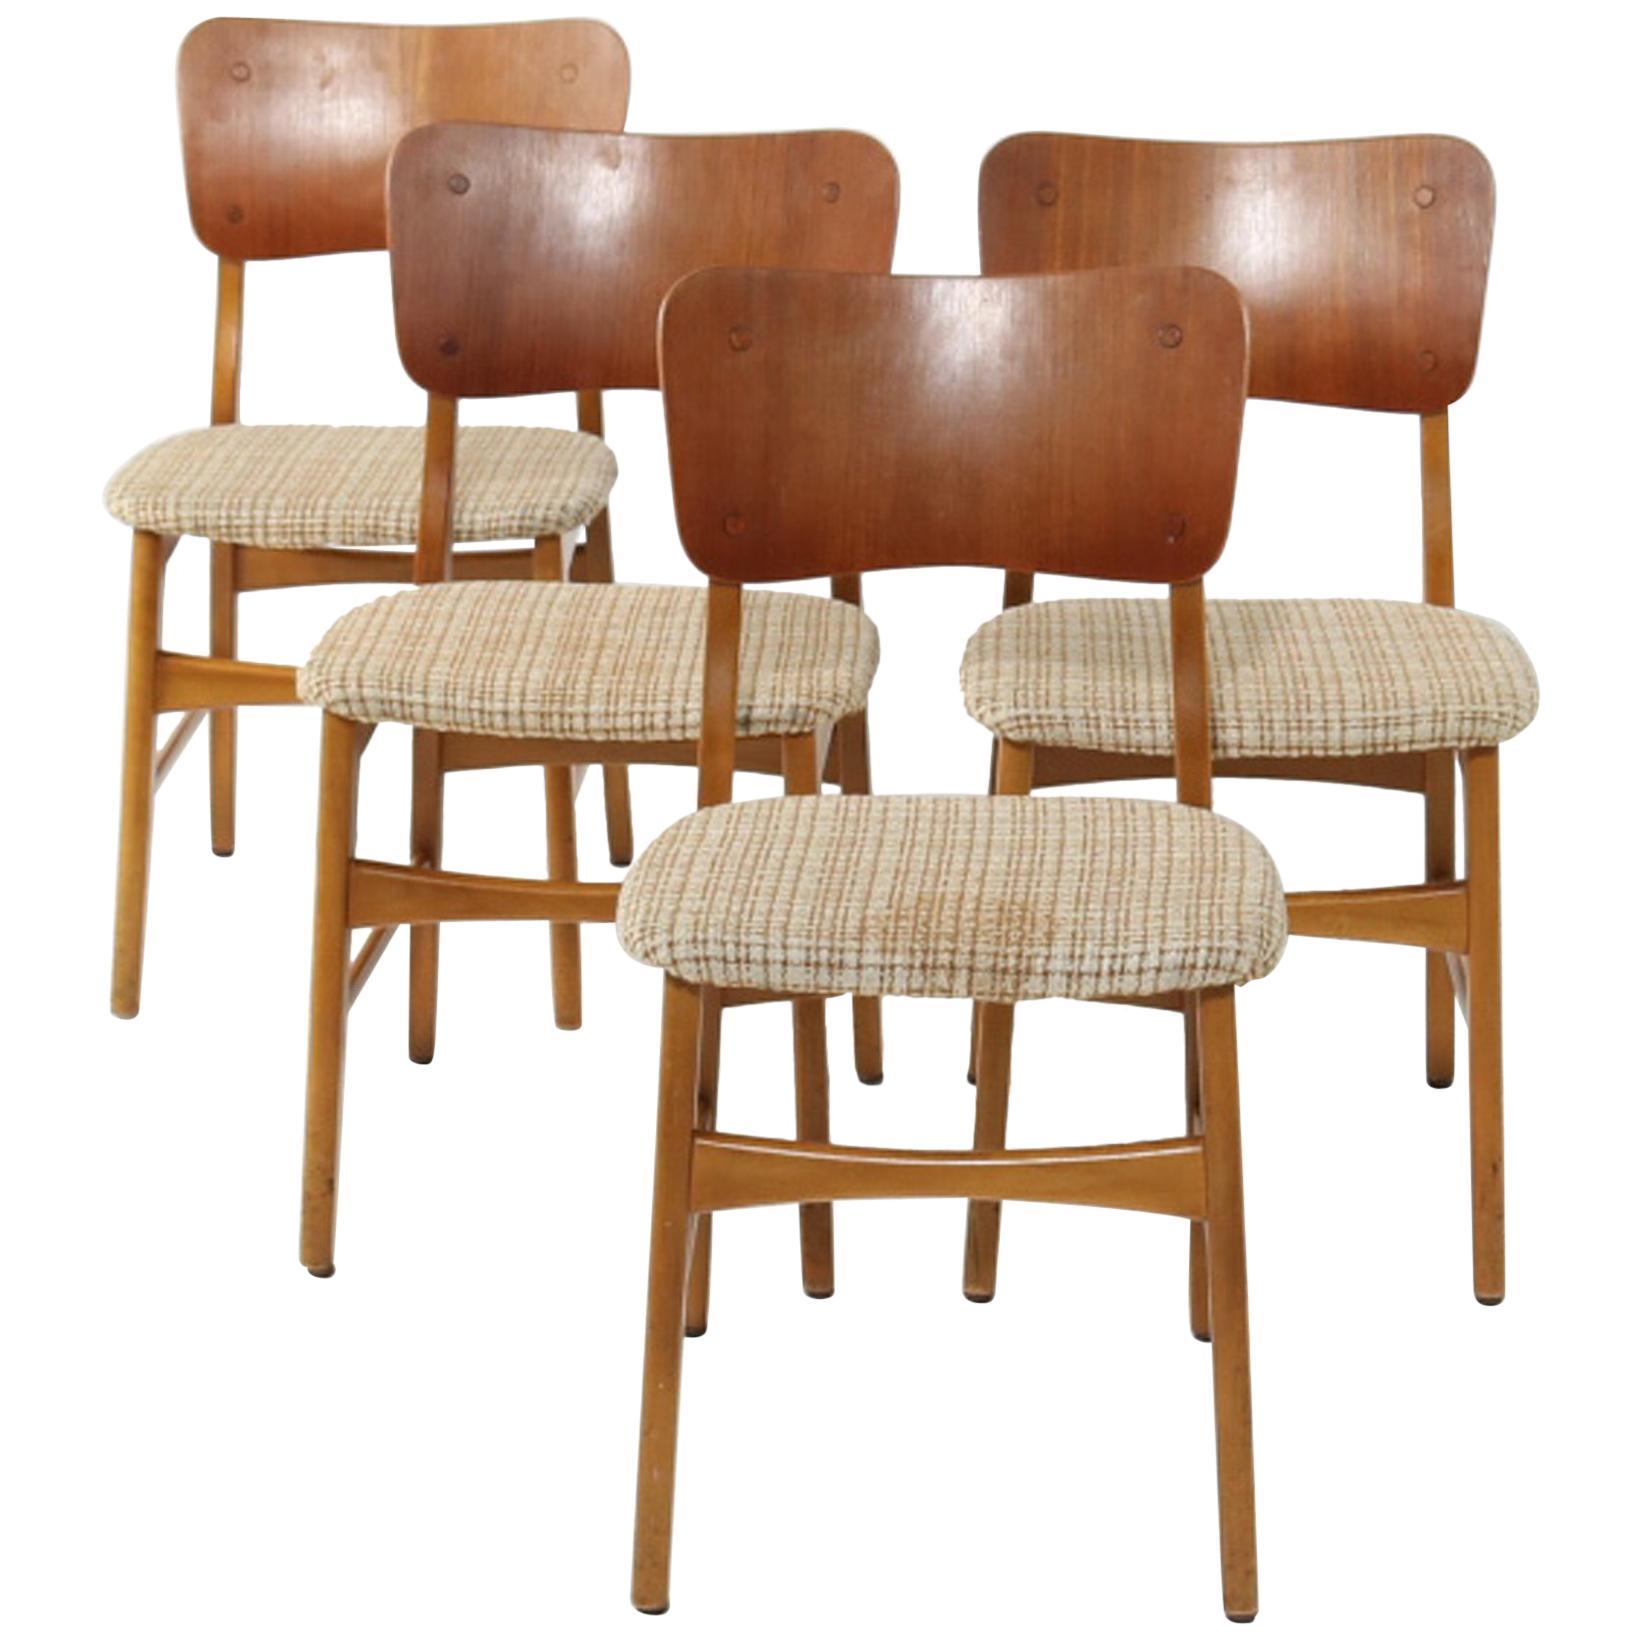 Set of Four Dining Chairs by Ib Kofod-Larsen for Christensen & Larsen